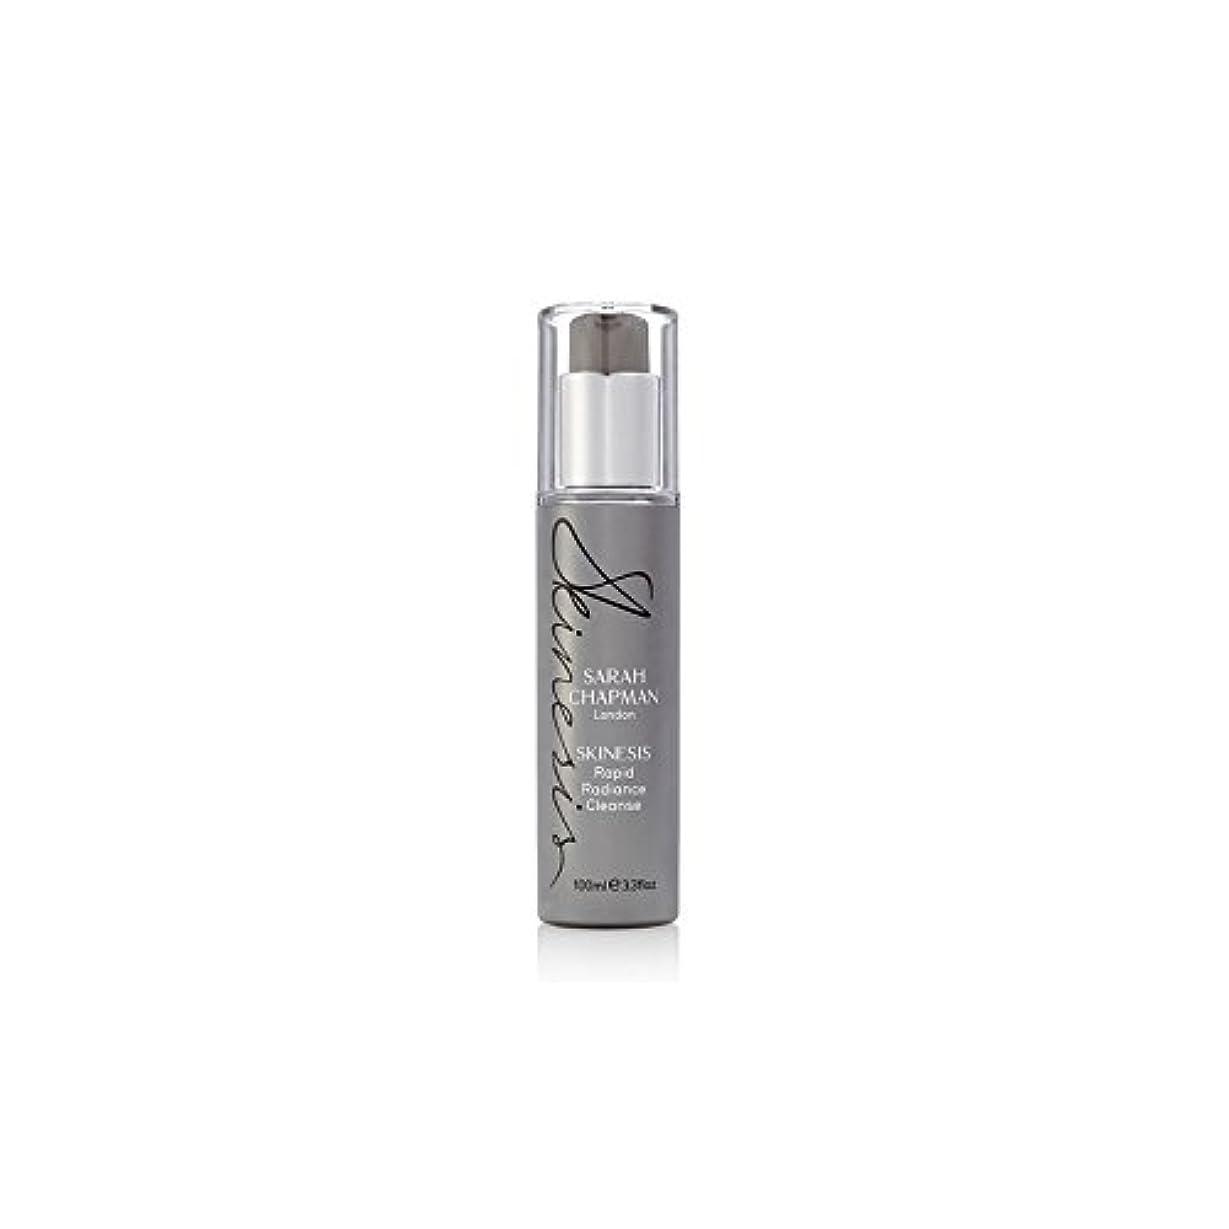 サラ?チャップマン迅速な輝きの浄化(100ミリリットル) x4 - Sarah Chapman Skinesis Rapid Radiance Cleanse (100ml) (Pack of 4) [並行輸入品]